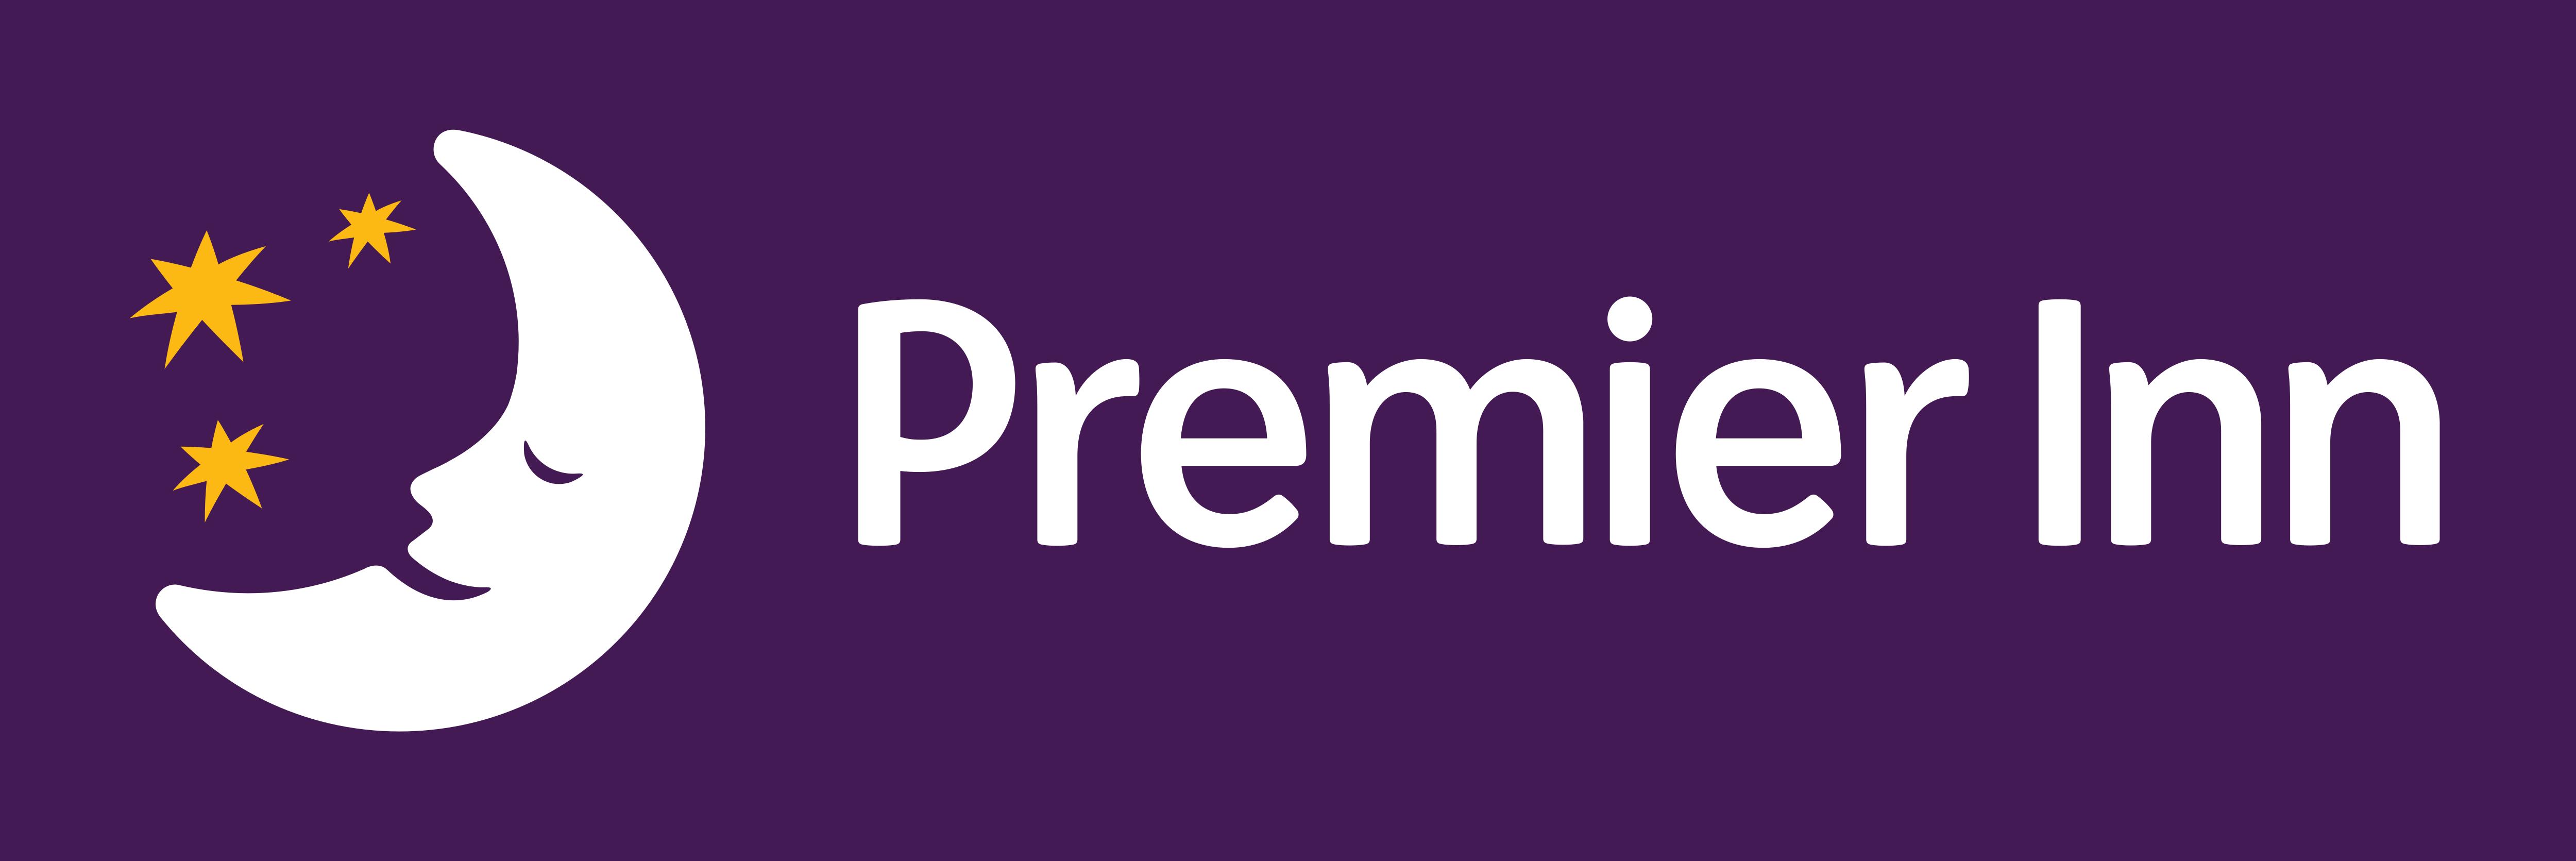 Premier Inn Complaints